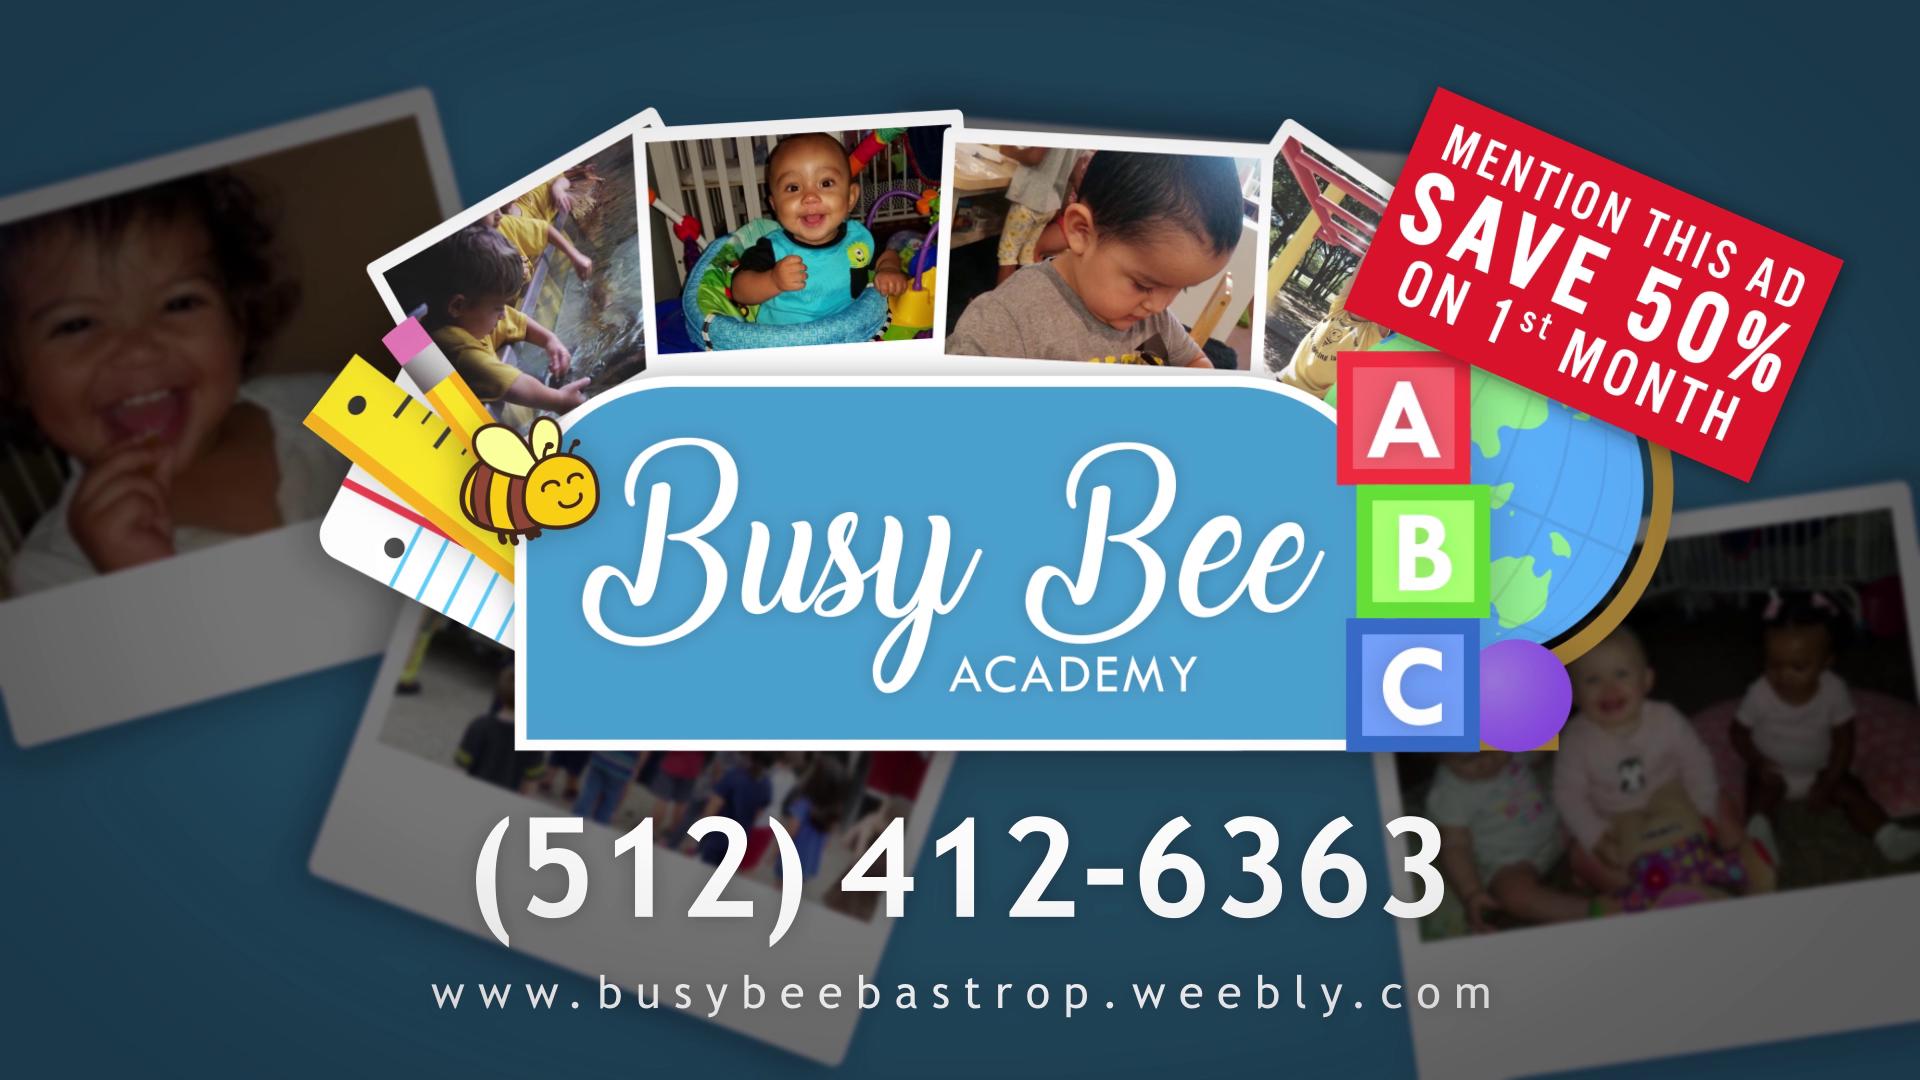 BusyBeeAcademy